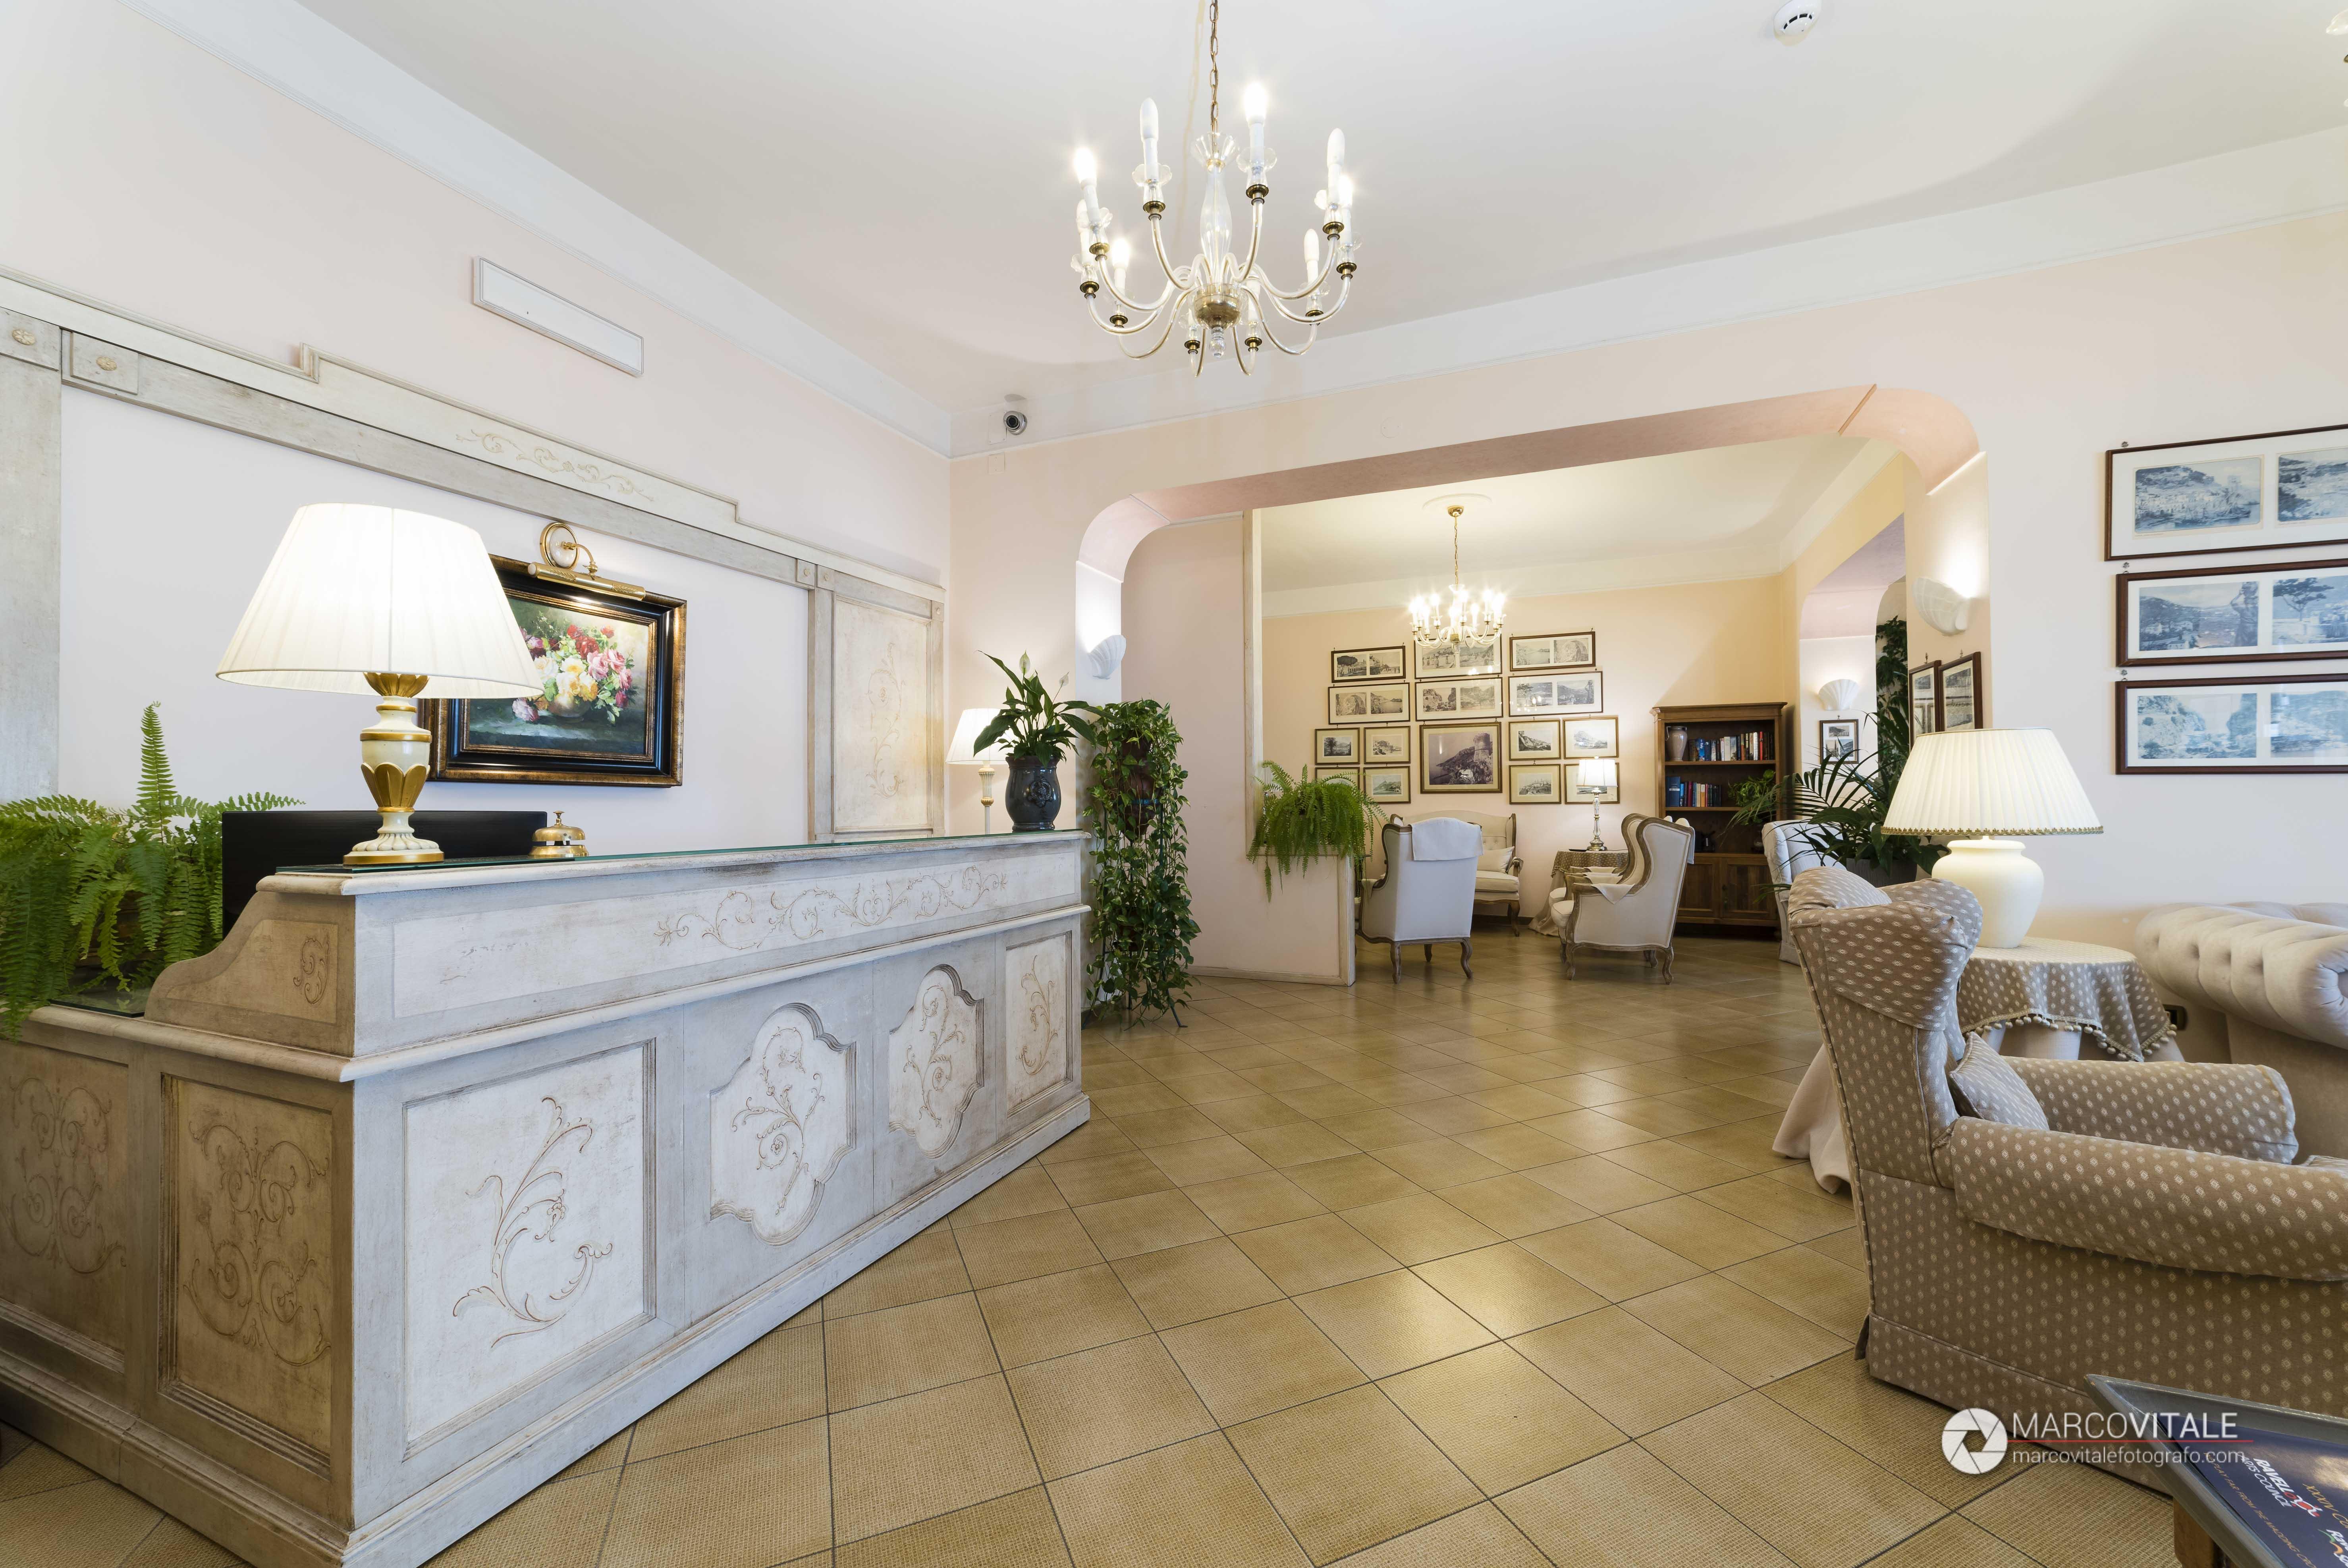 Fotografo per hotel - Amalfi - marcovitalefotografo.com-5830